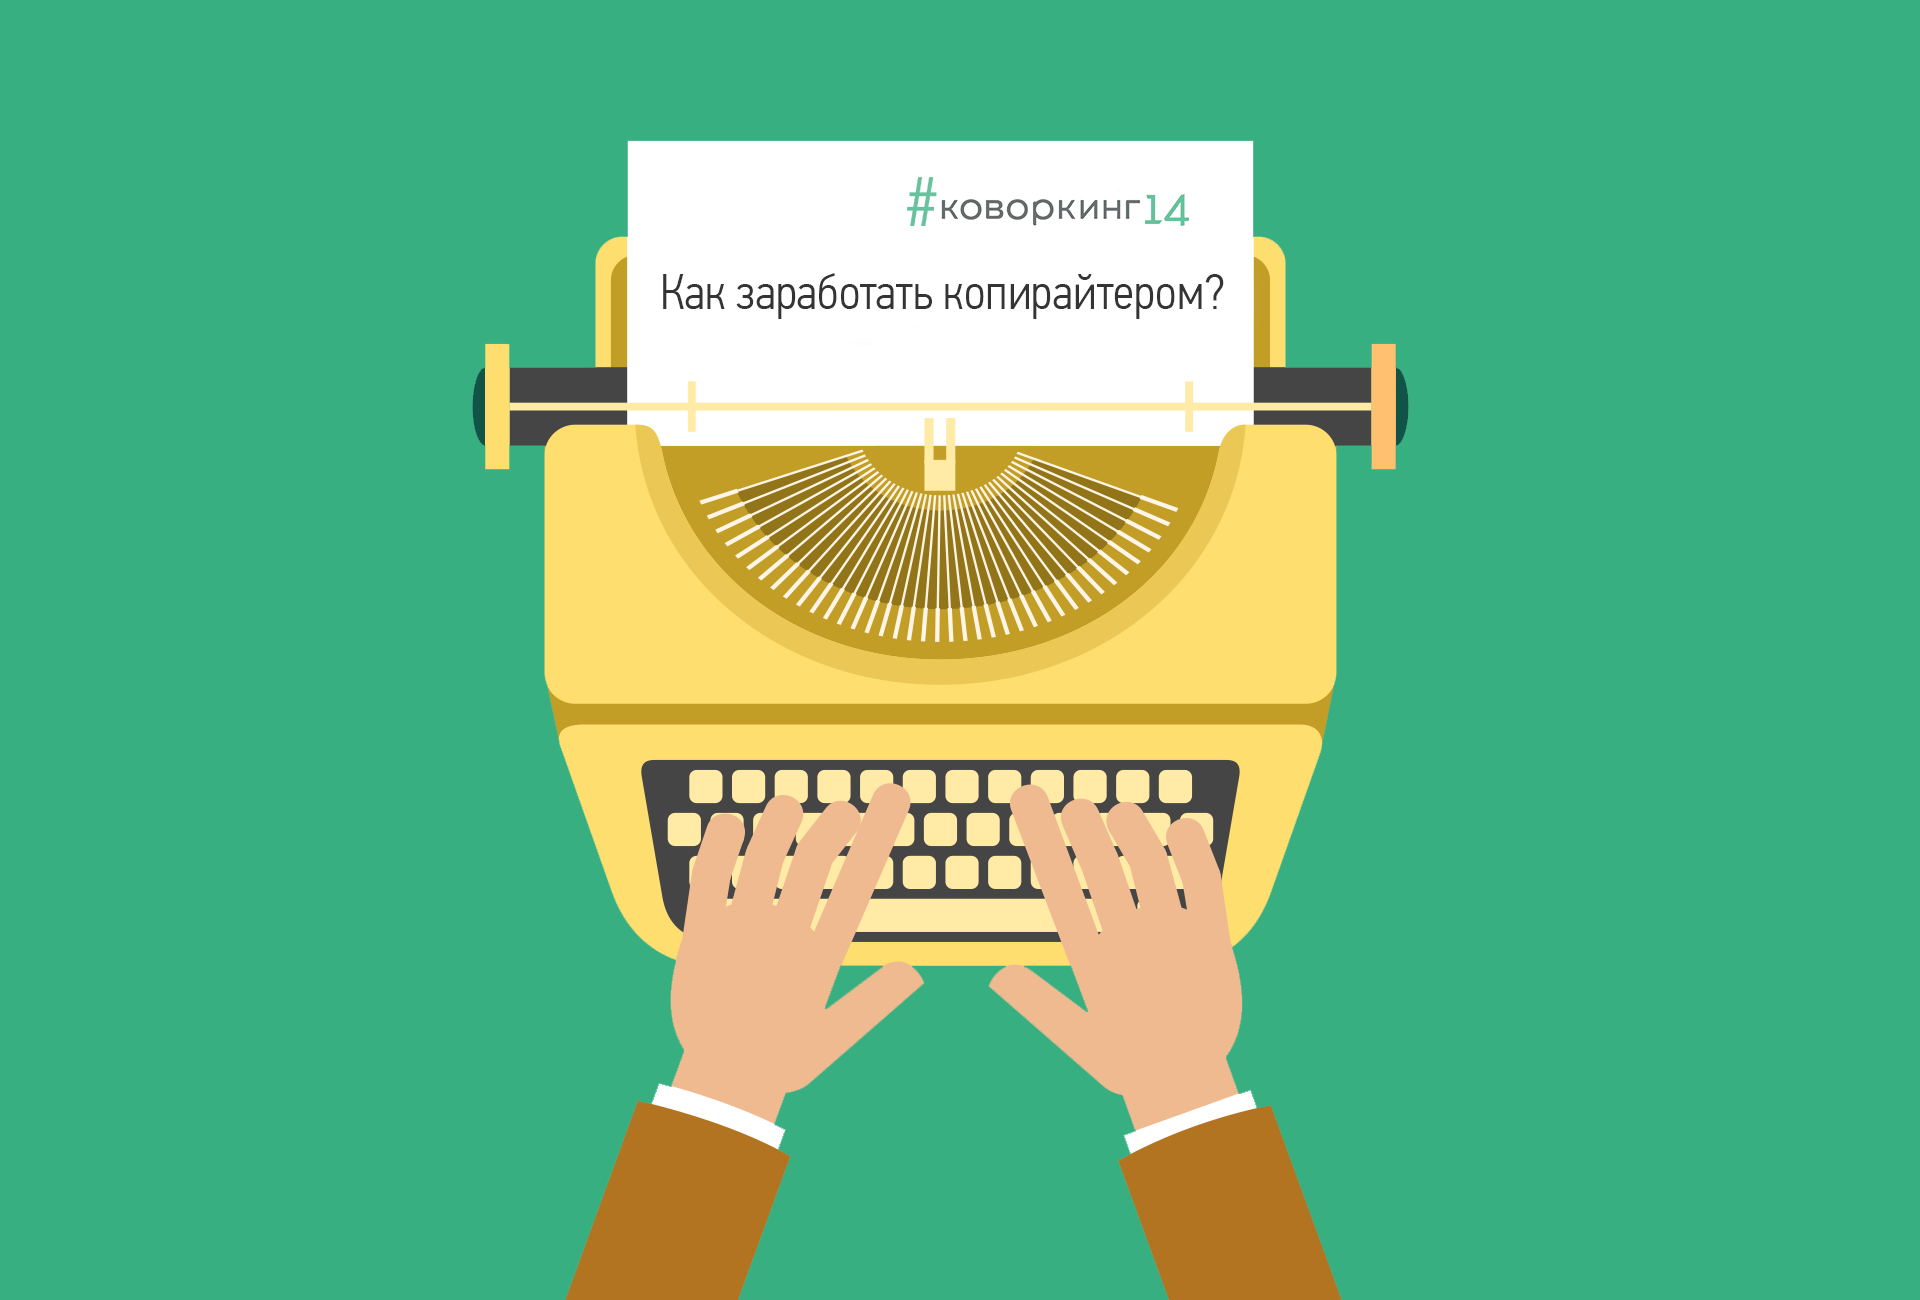 Копирайтинг: суть понятия, принципы работы копирайтером, советы начинающим